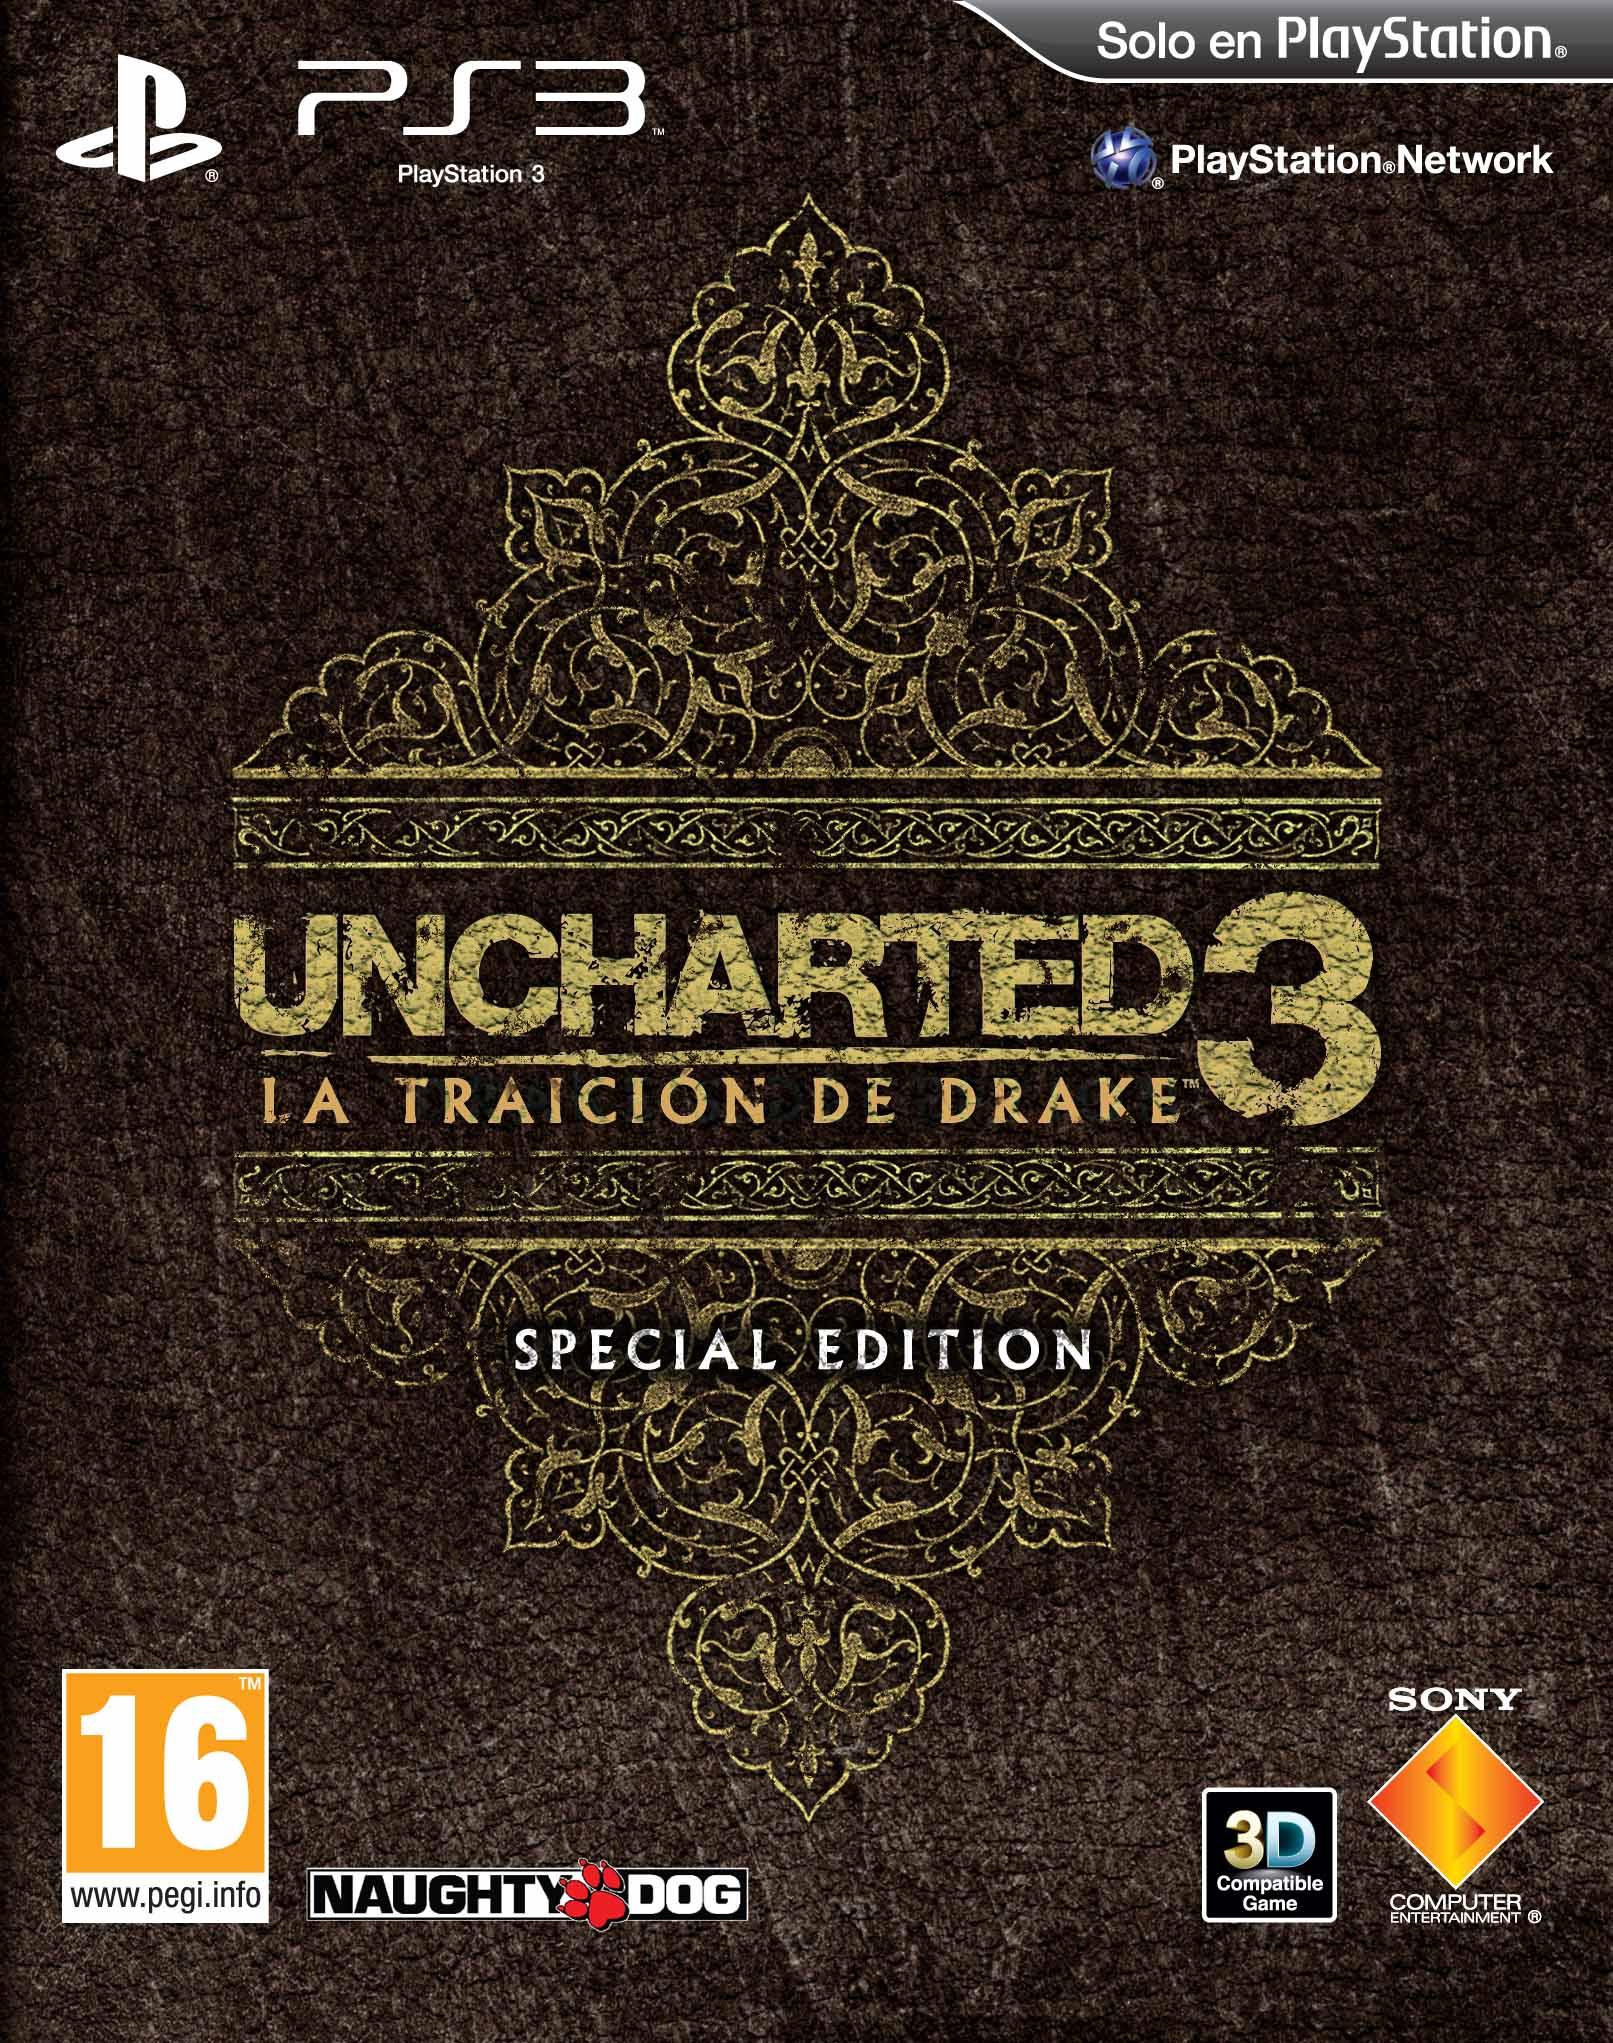 La edici n especial de uncharted 3 al detalle for Edicion 3d online